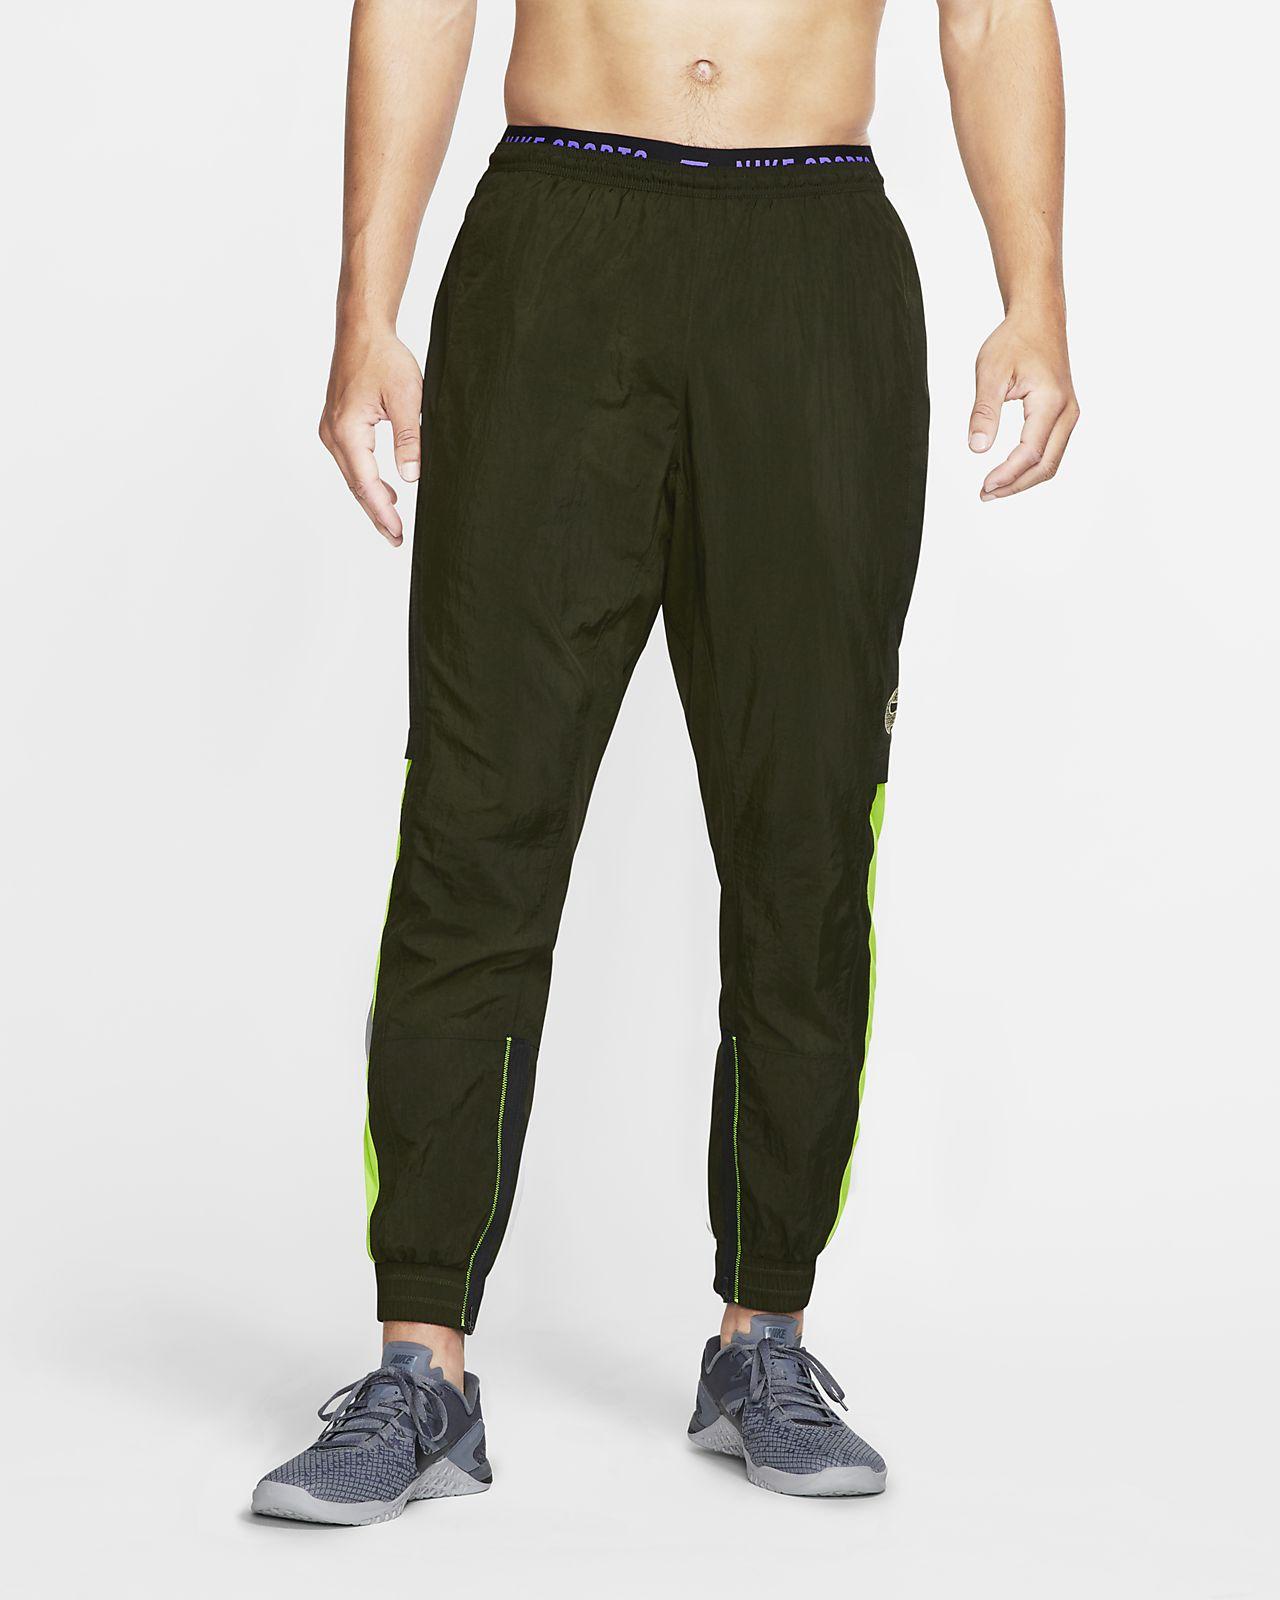 Nike Dri-FIT Flex Men's Training Pants